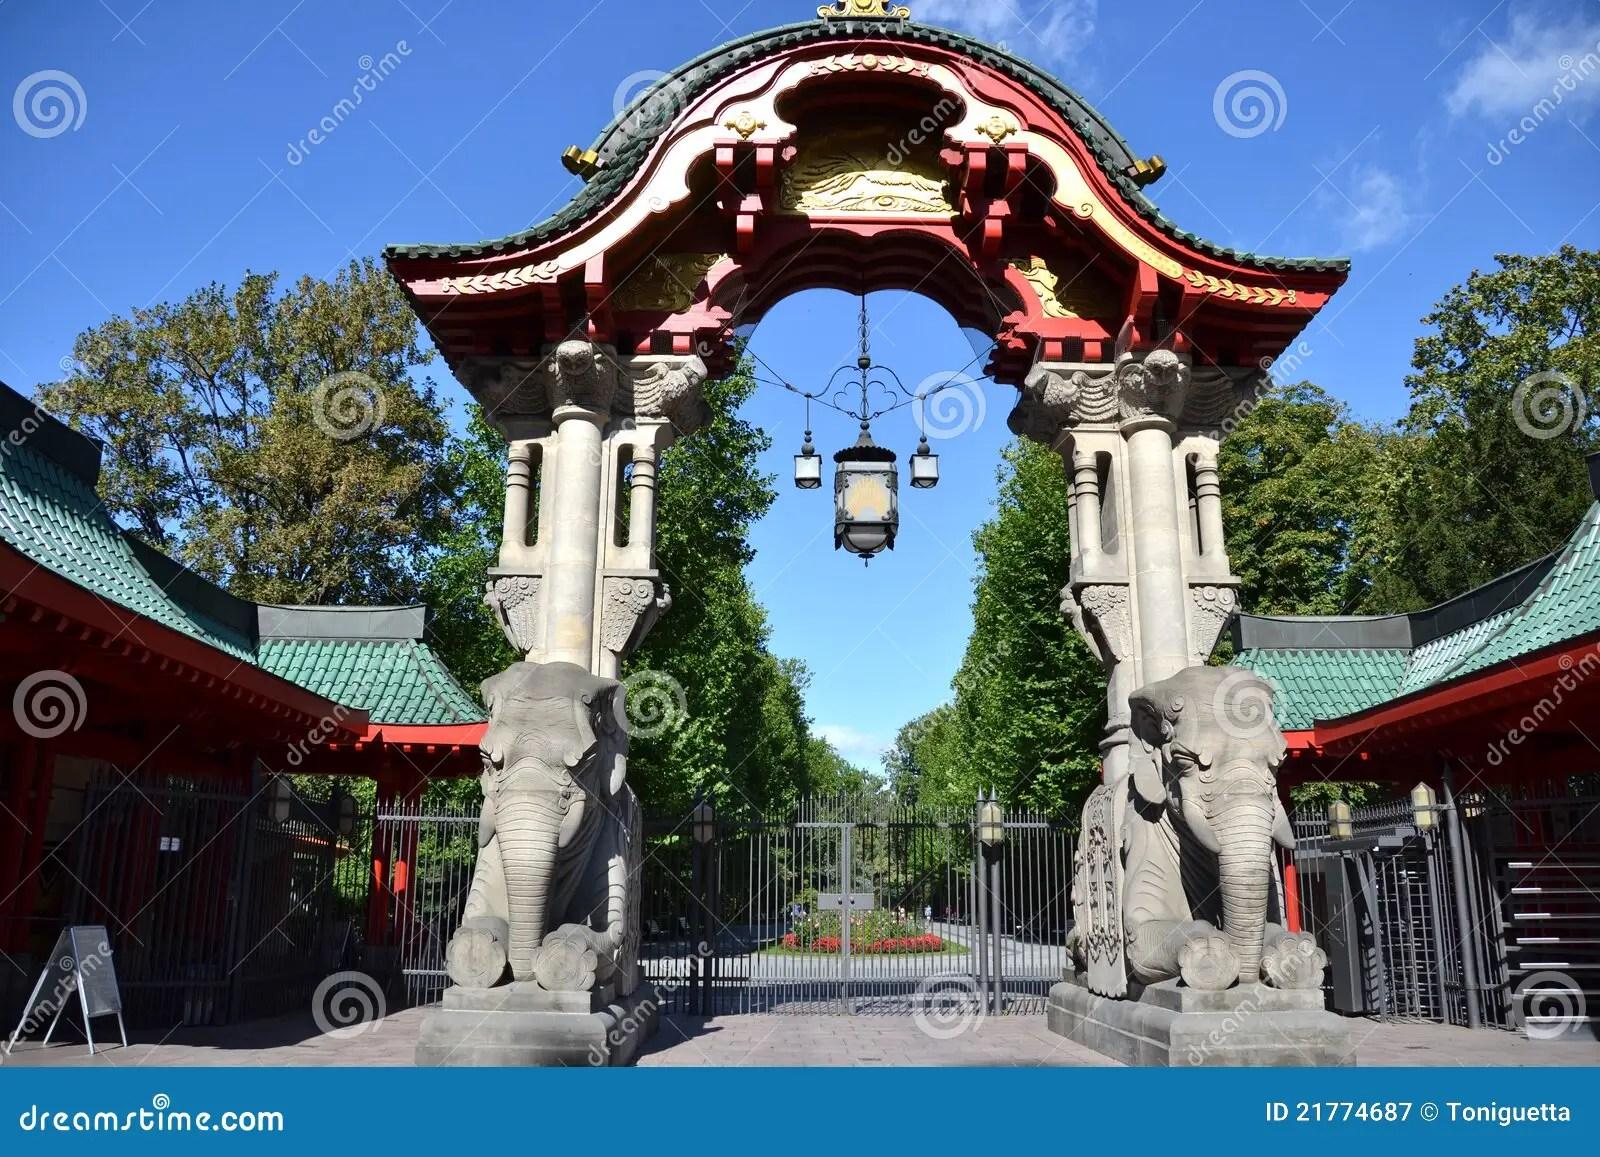 Berlin Zoo Gate Stock Image Image Of Garten Zoologischer